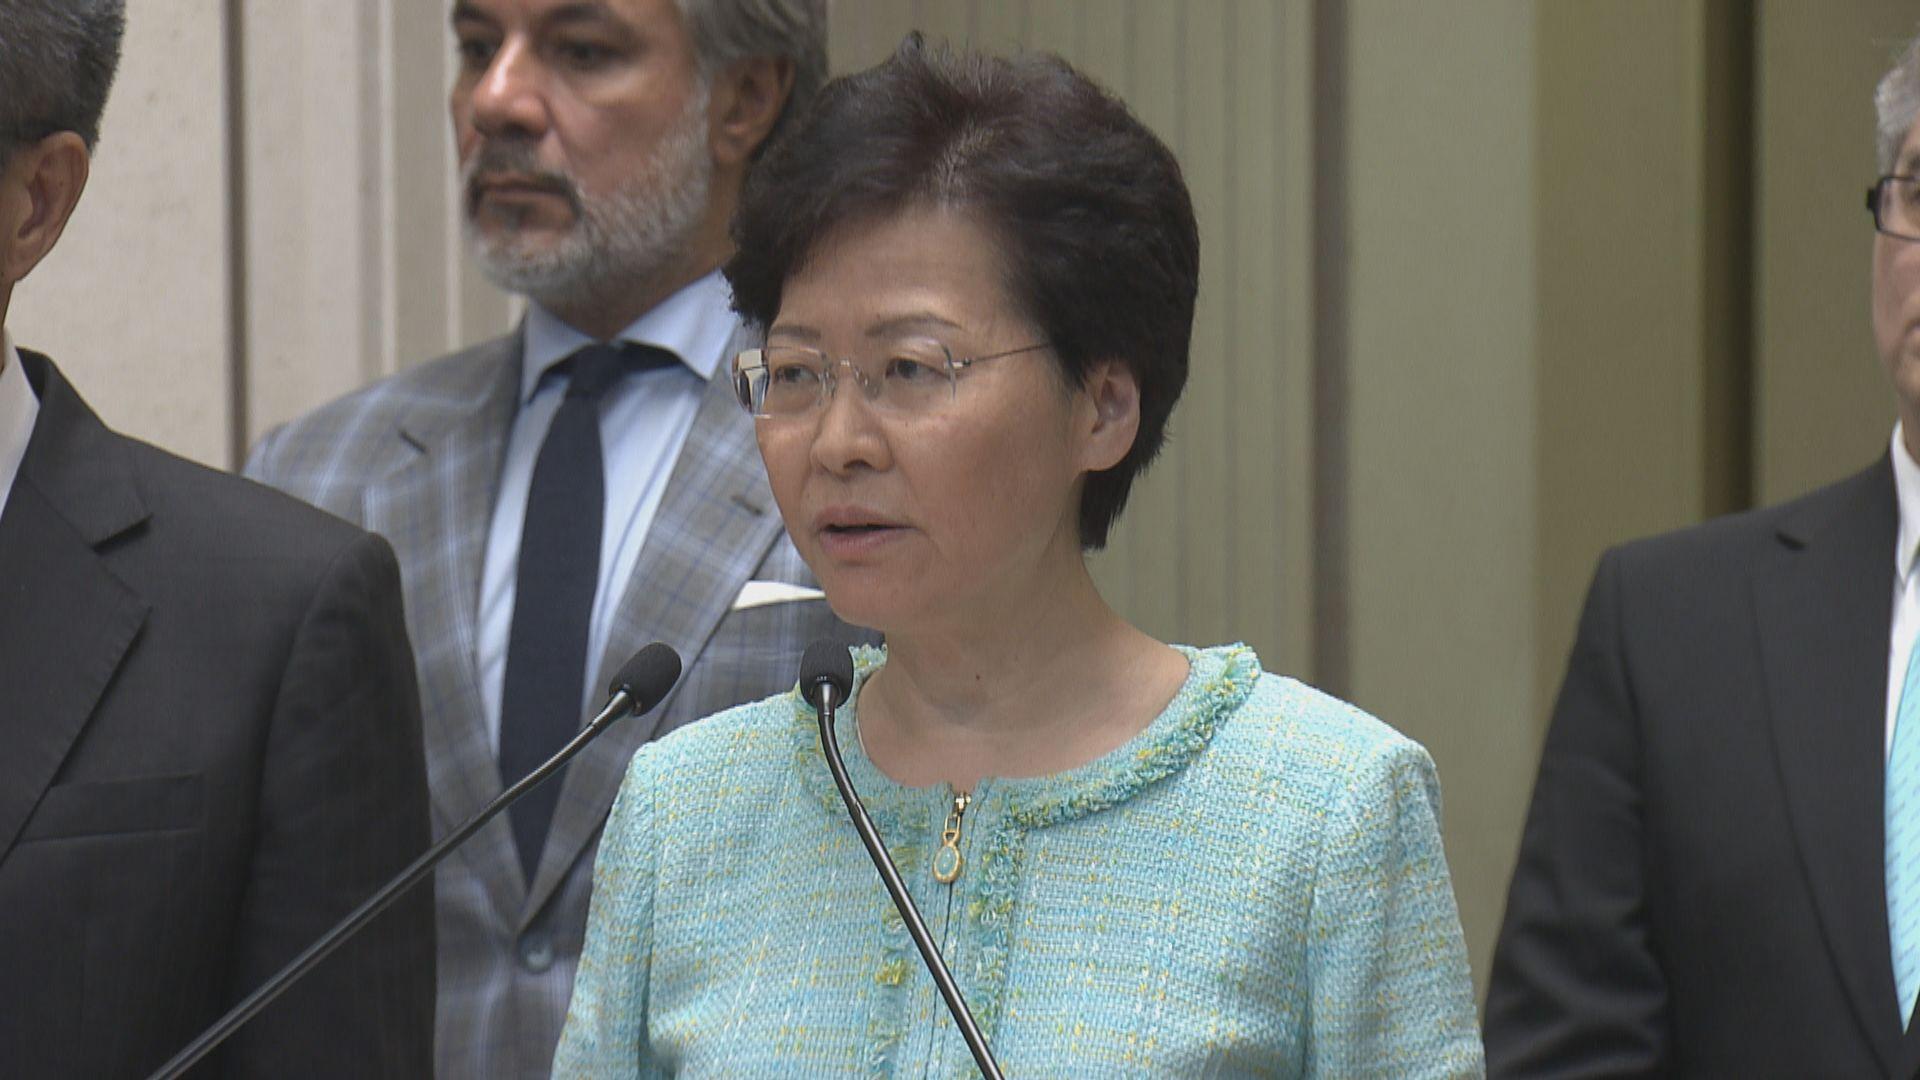 林鄭呼籲和平示威者放下分歧